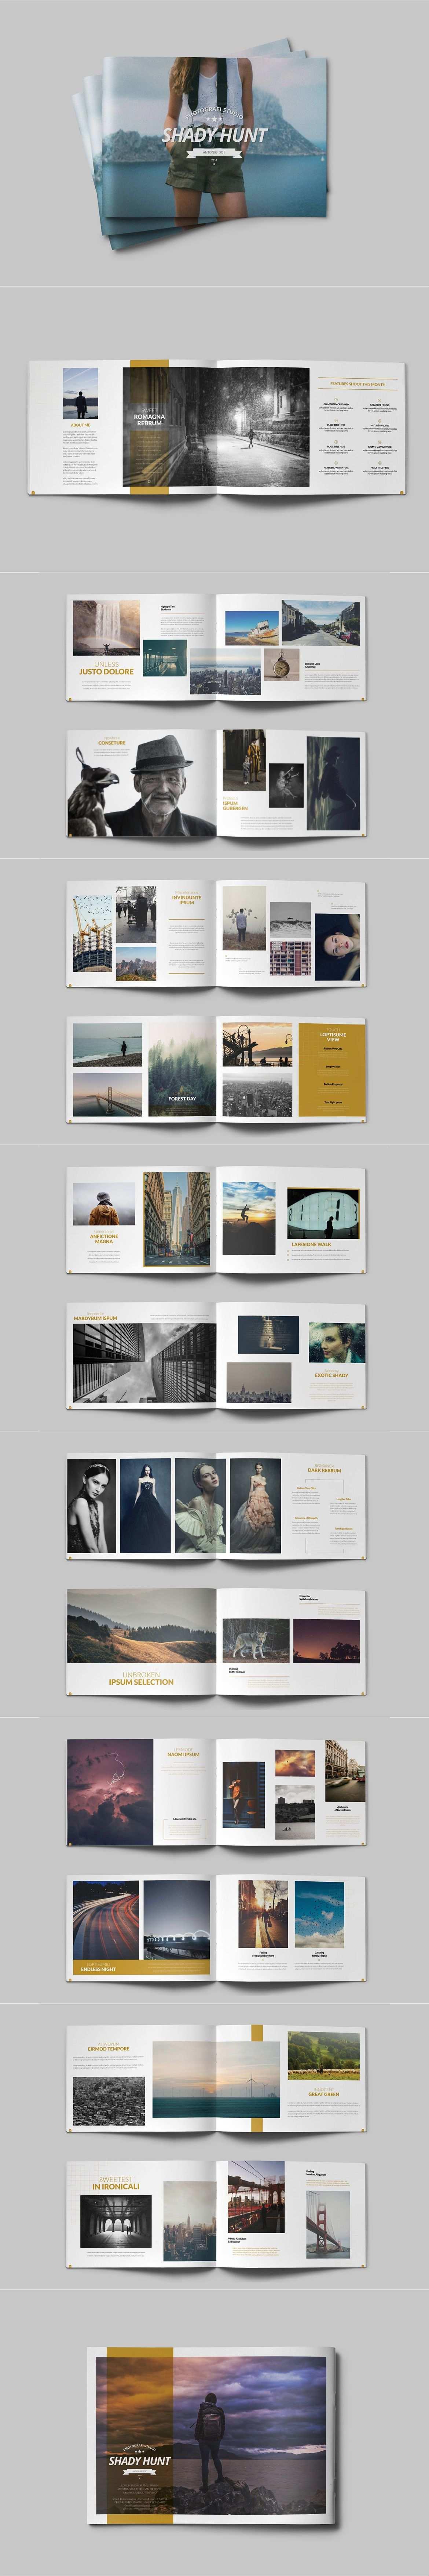 Portfolio Album By Siroolee On Broschuren Layout Fotobuch